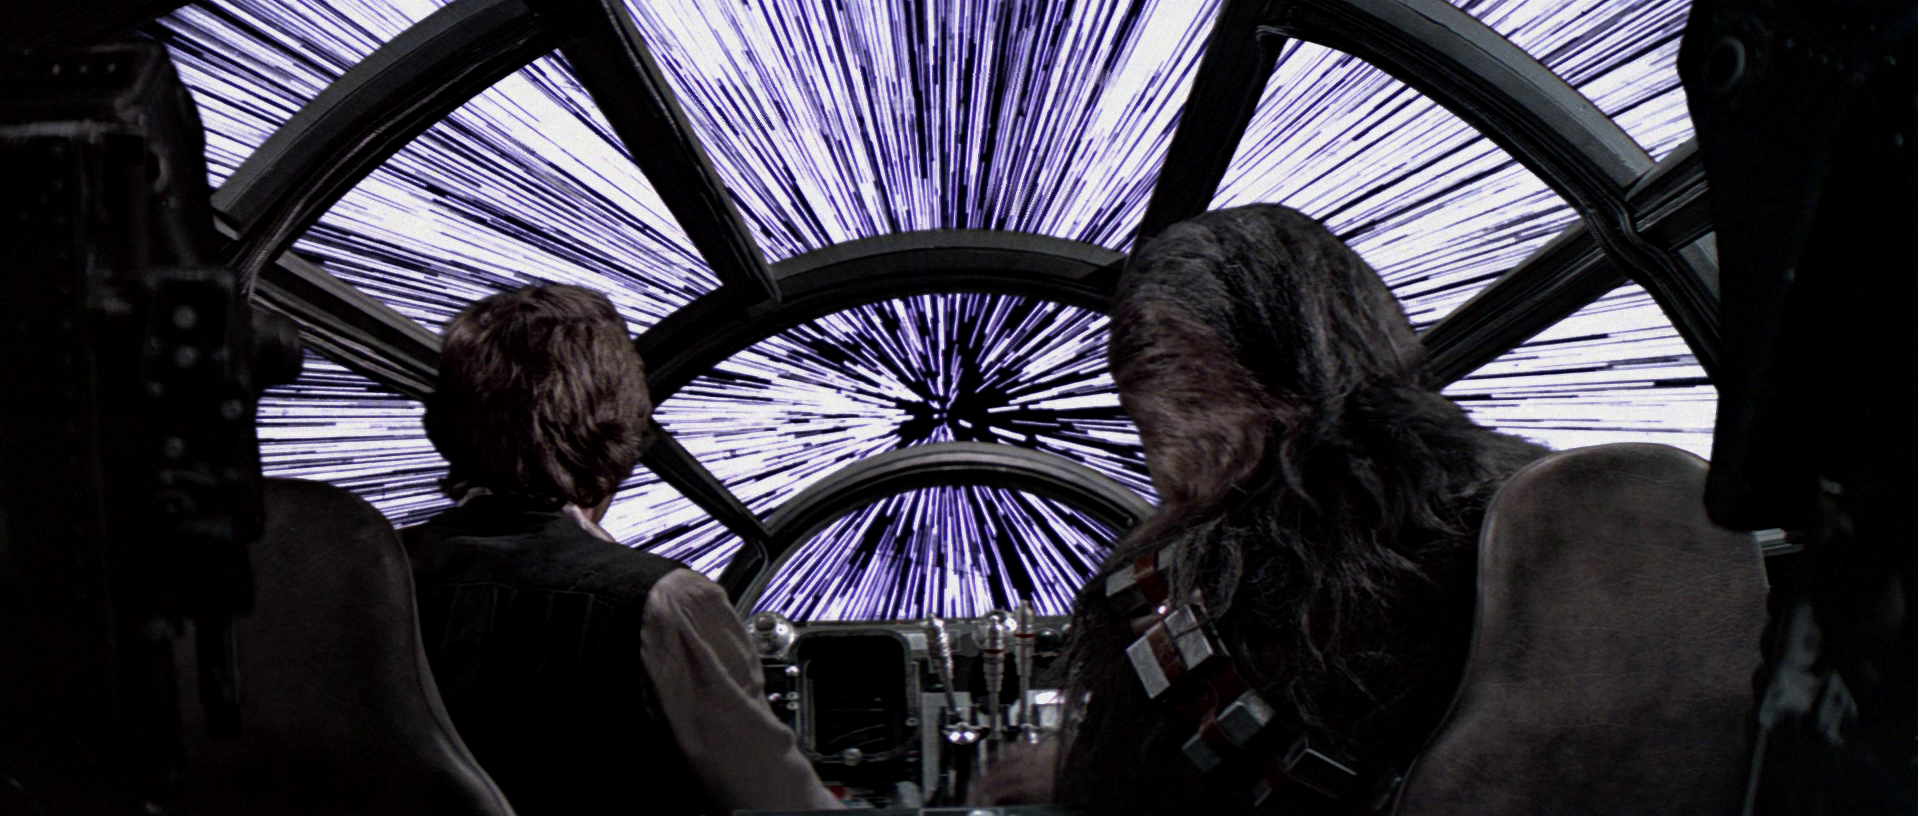 Image result for warp speed star wars